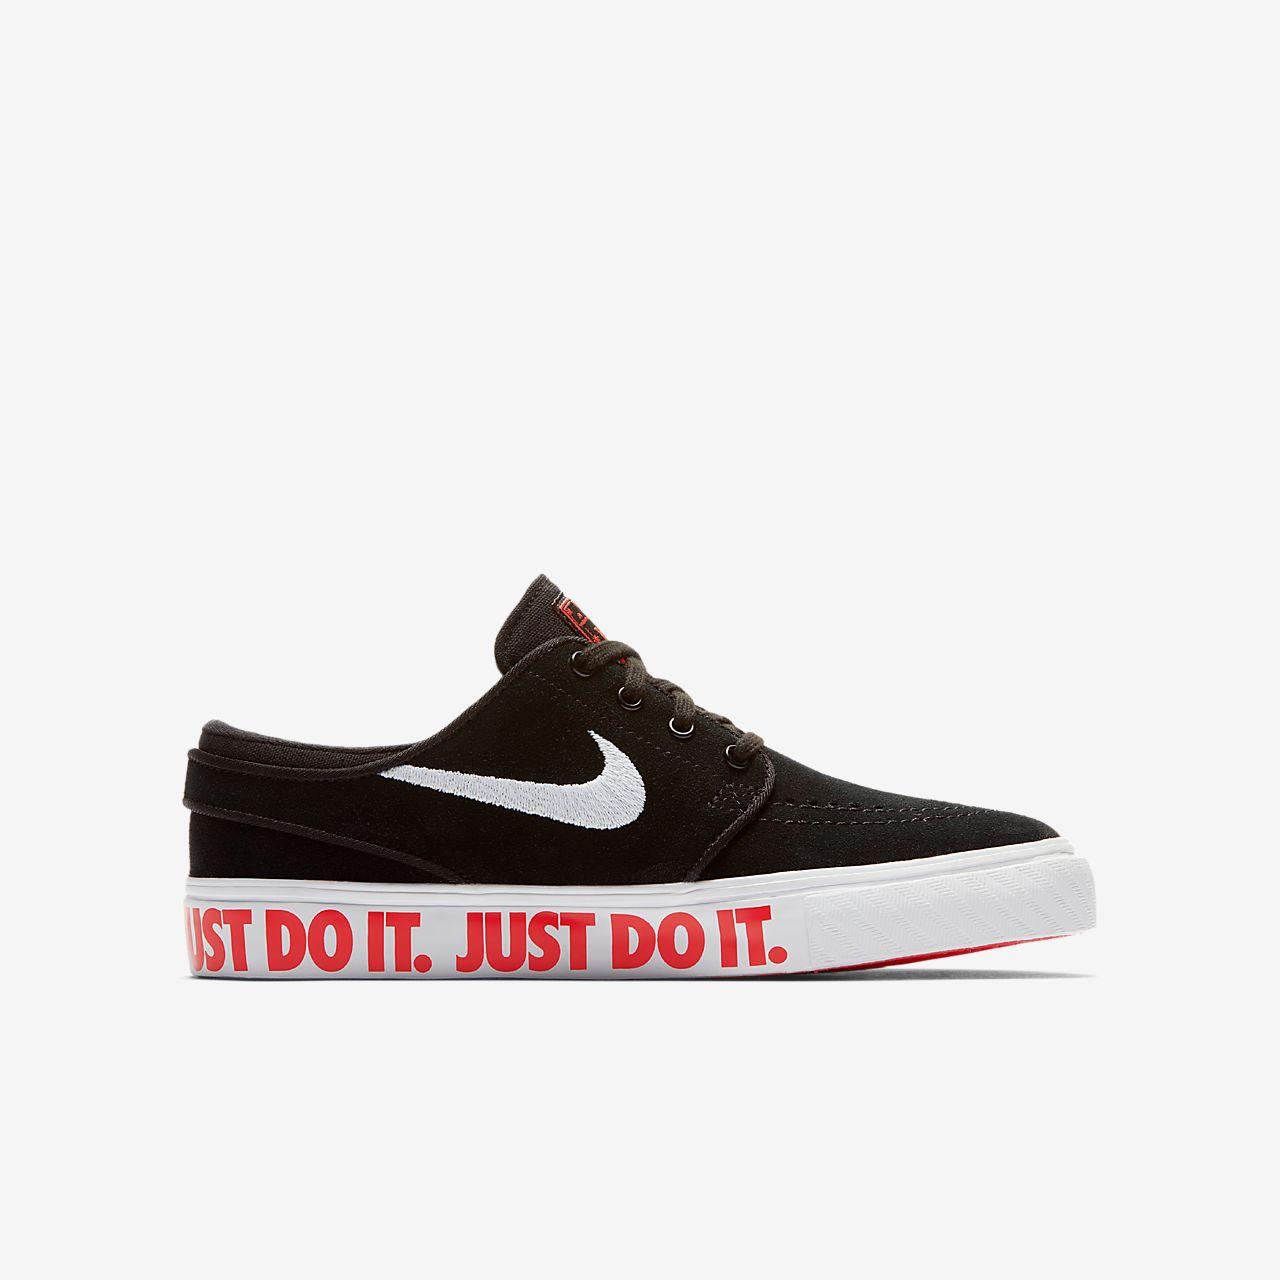 nike sb enfant chaussure